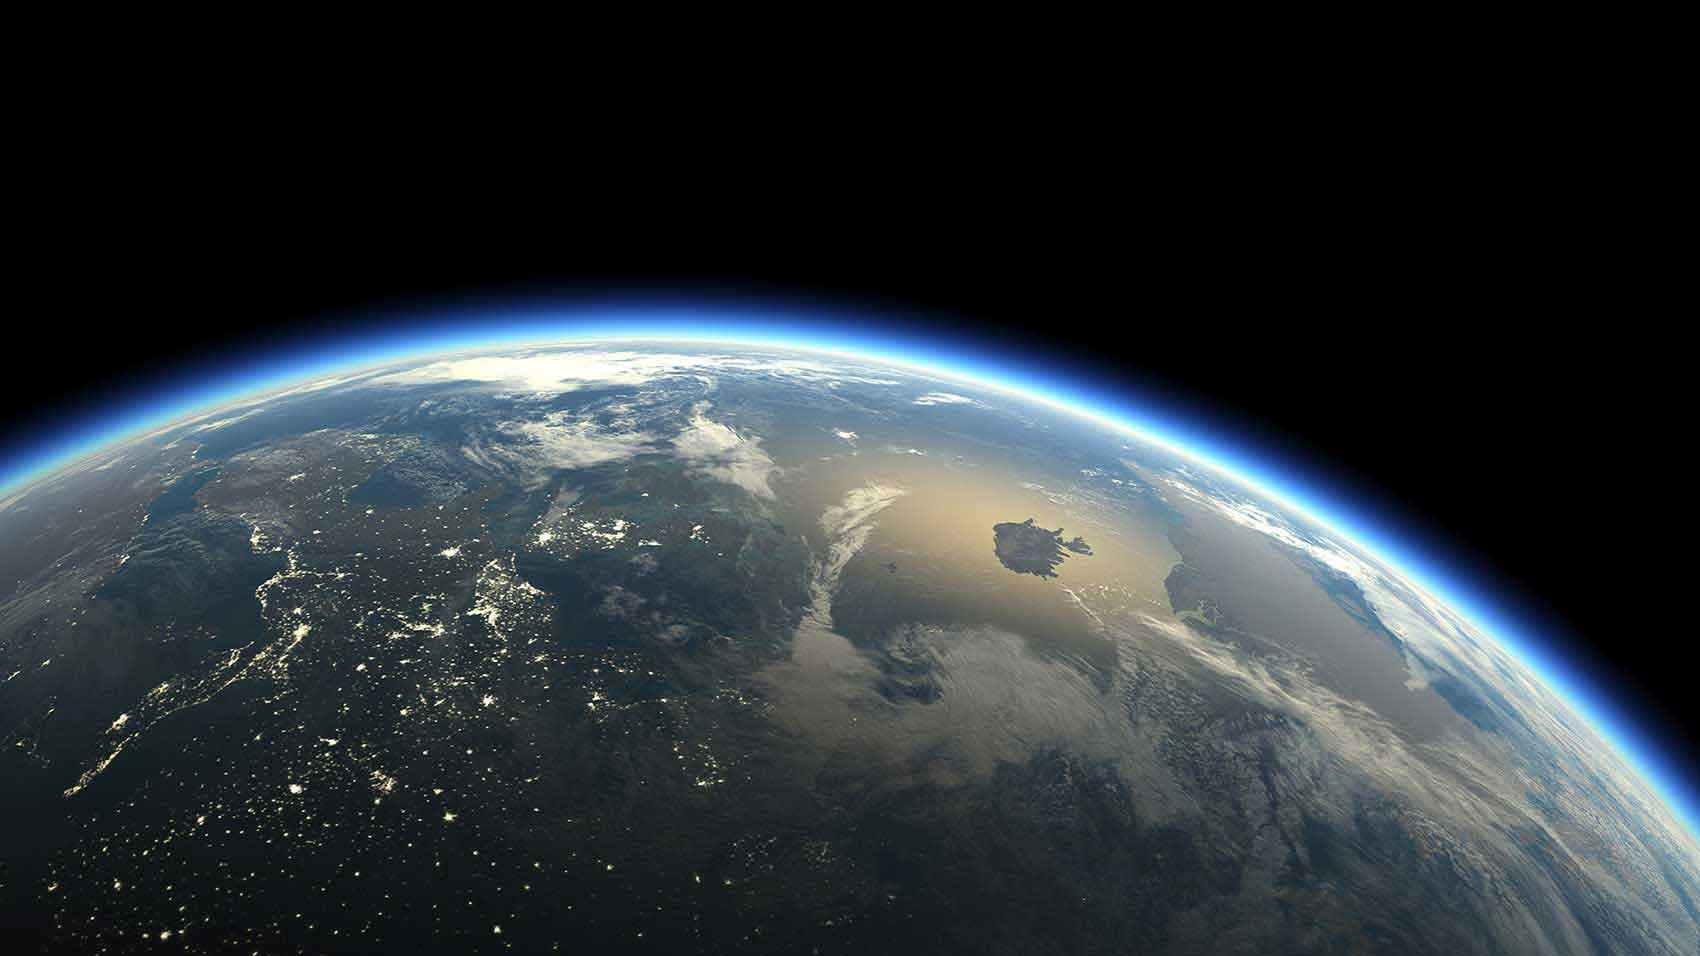 La película IMAX, Living Planet, puso la responsabilidad ecológica y la conservación del medioambiente al frente de las conversaciones de los espectadores.